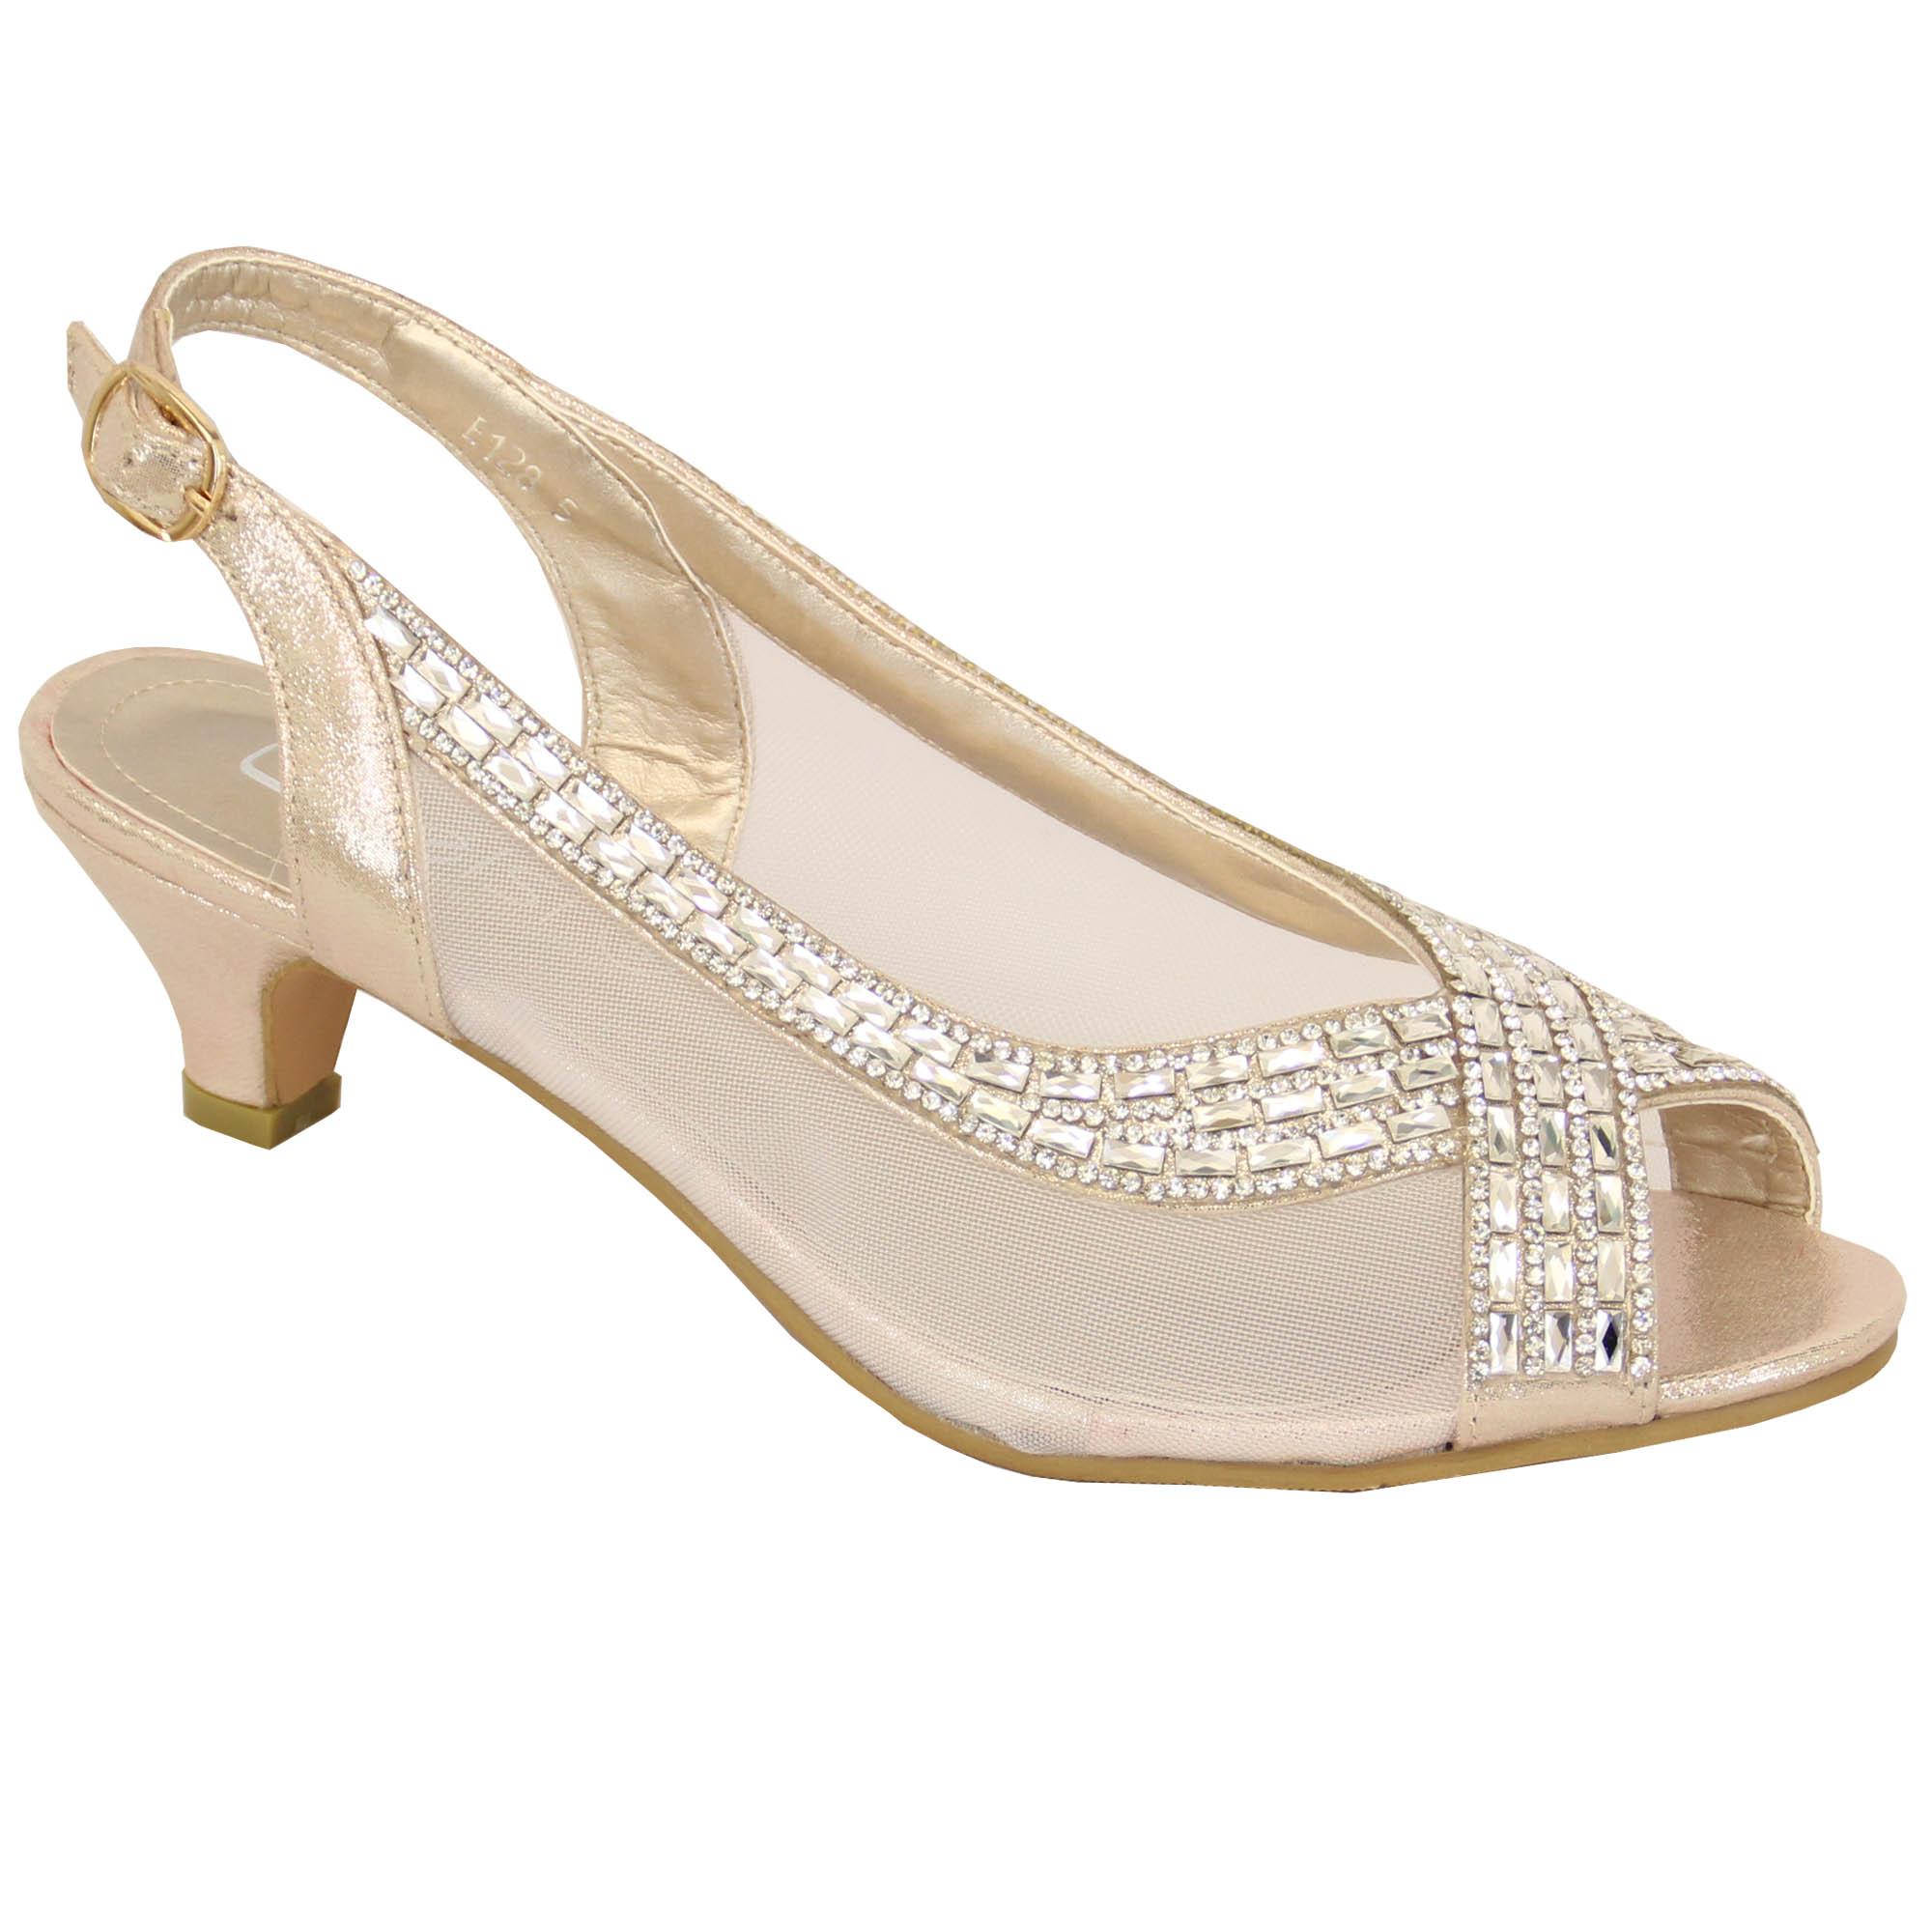 Kitten Heel Shoes Sandals